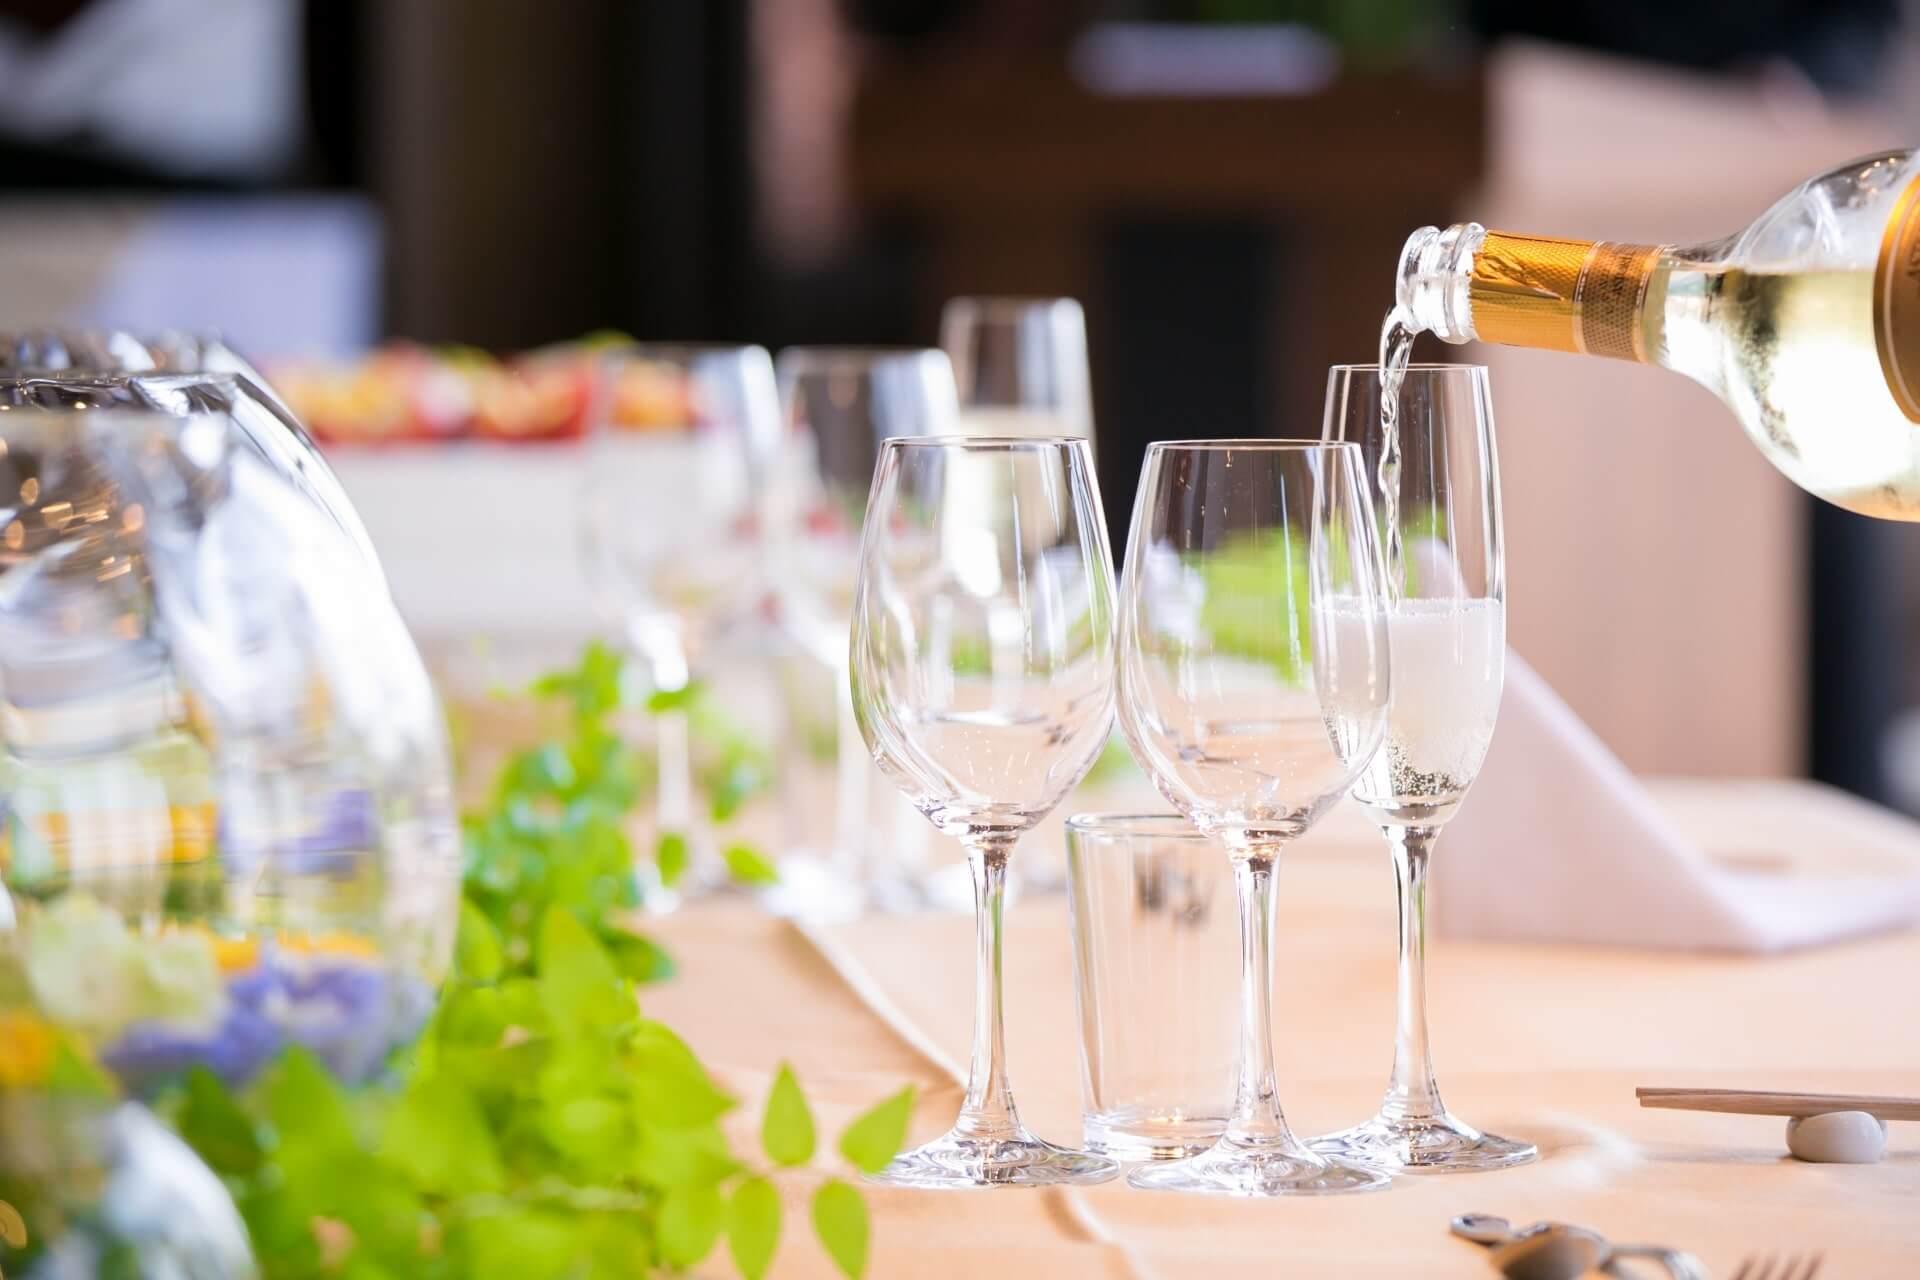 ワイン特集のメインビジュアル画像